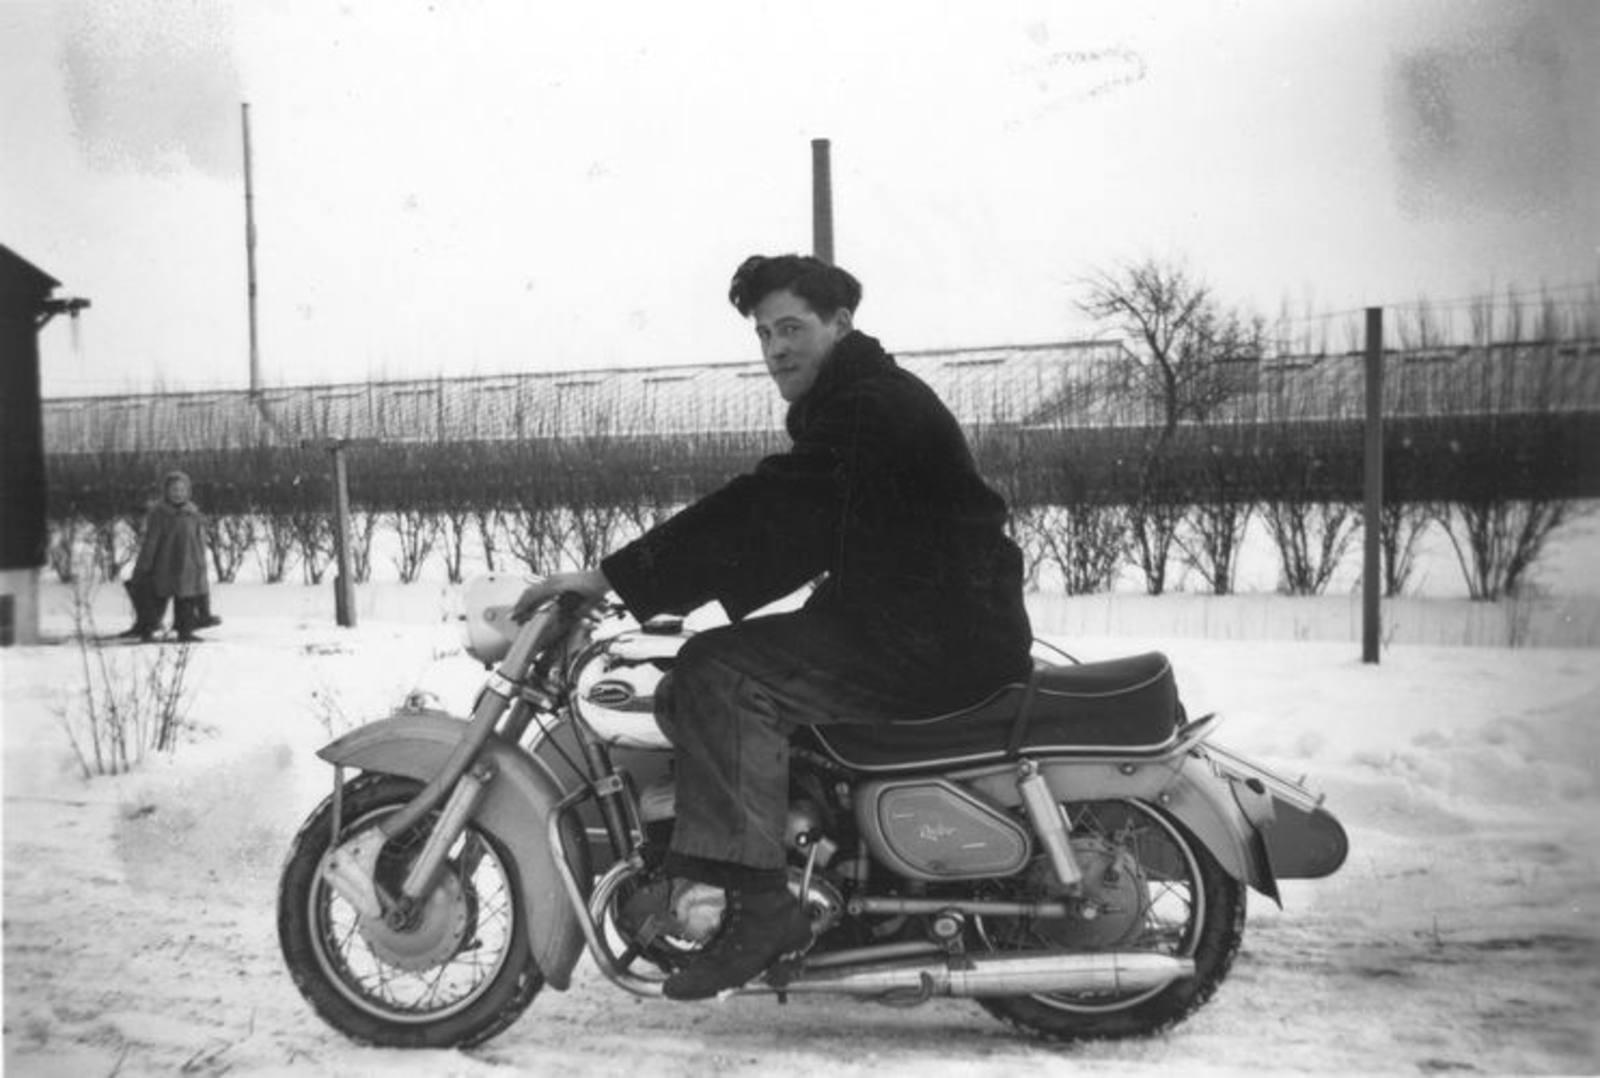 01 01 Wies Miesie 1955± Klaas Visser op Express v Jan Wies Jzn